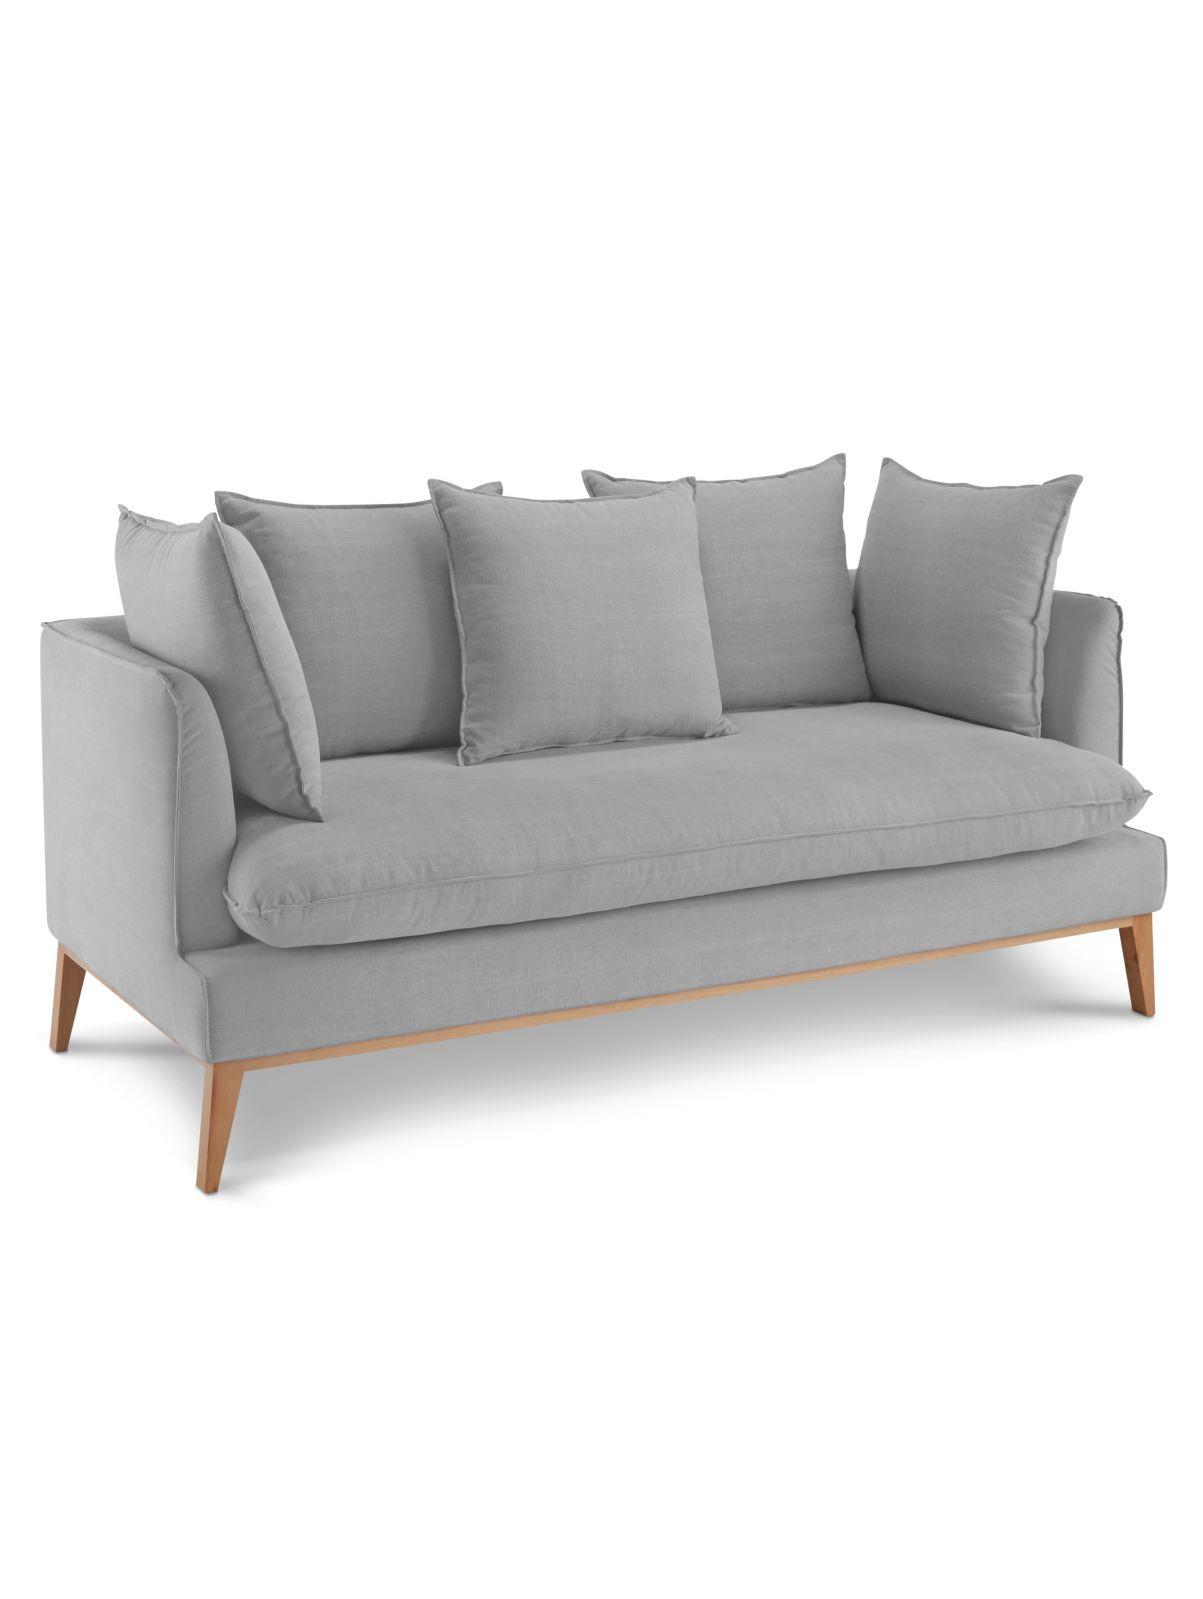 Sofa Puro Basic Online Kaufen Bei Woonio